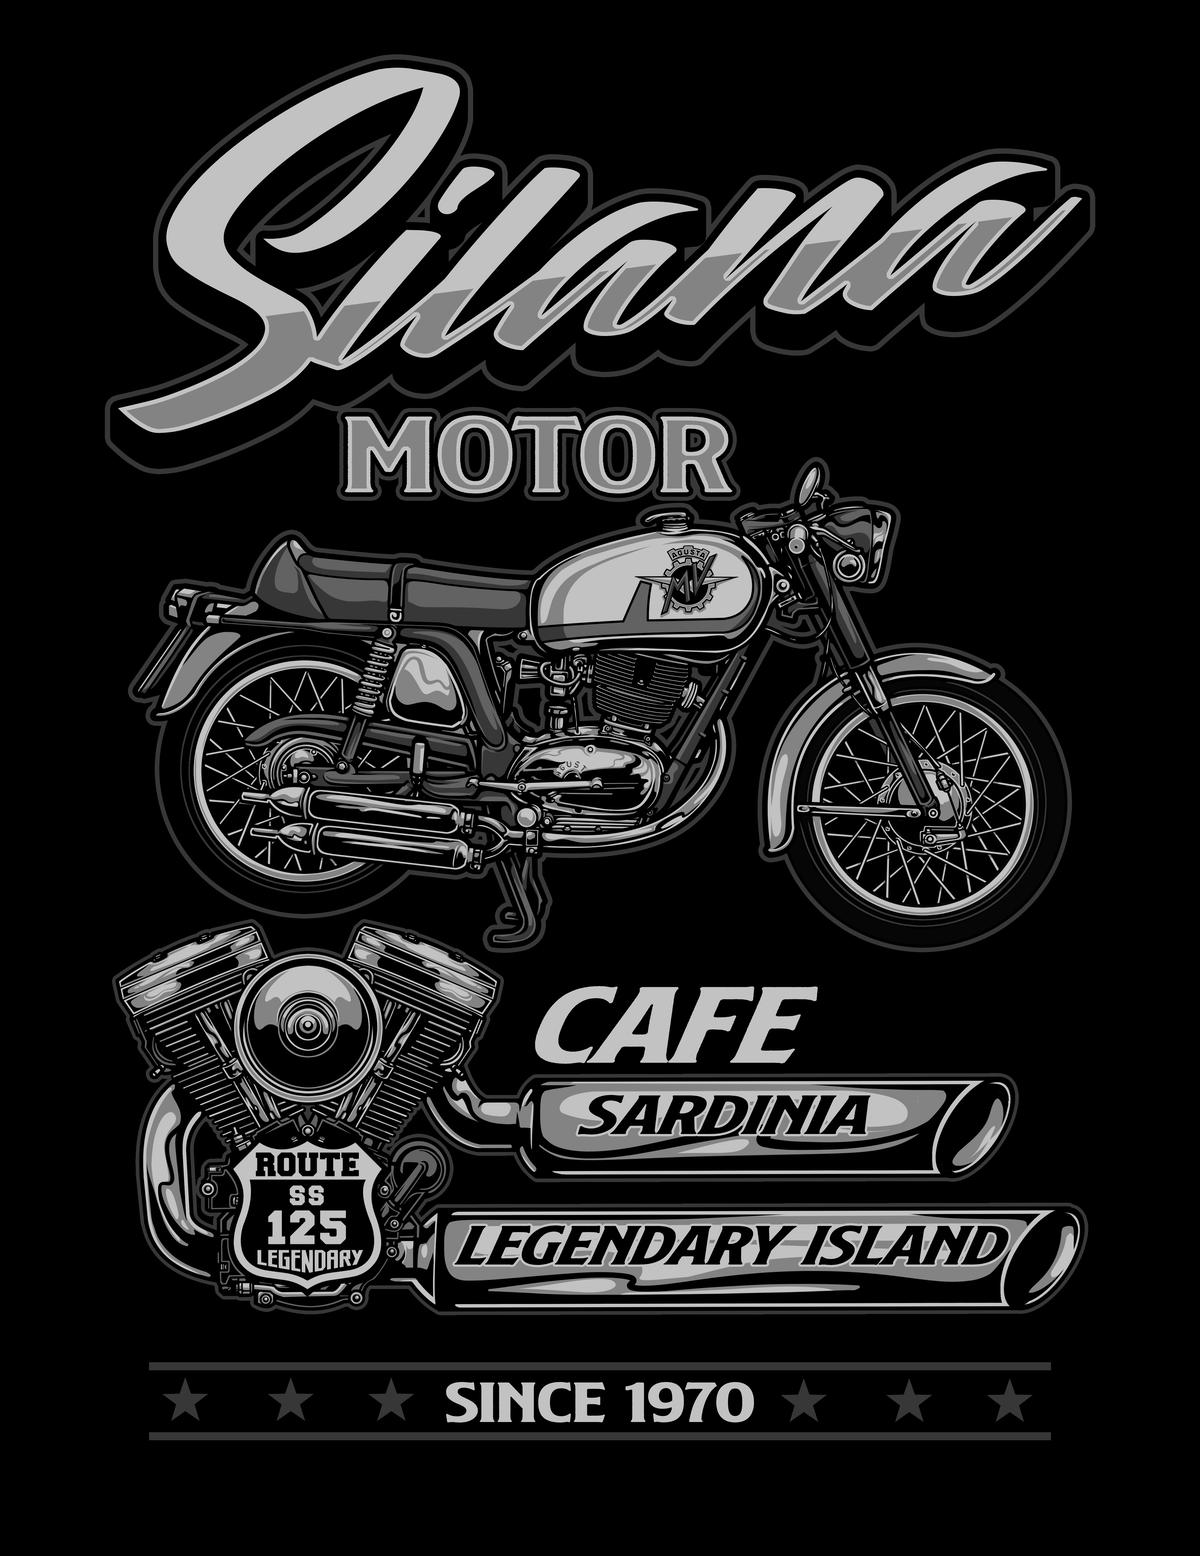 Silana Motor Cafe